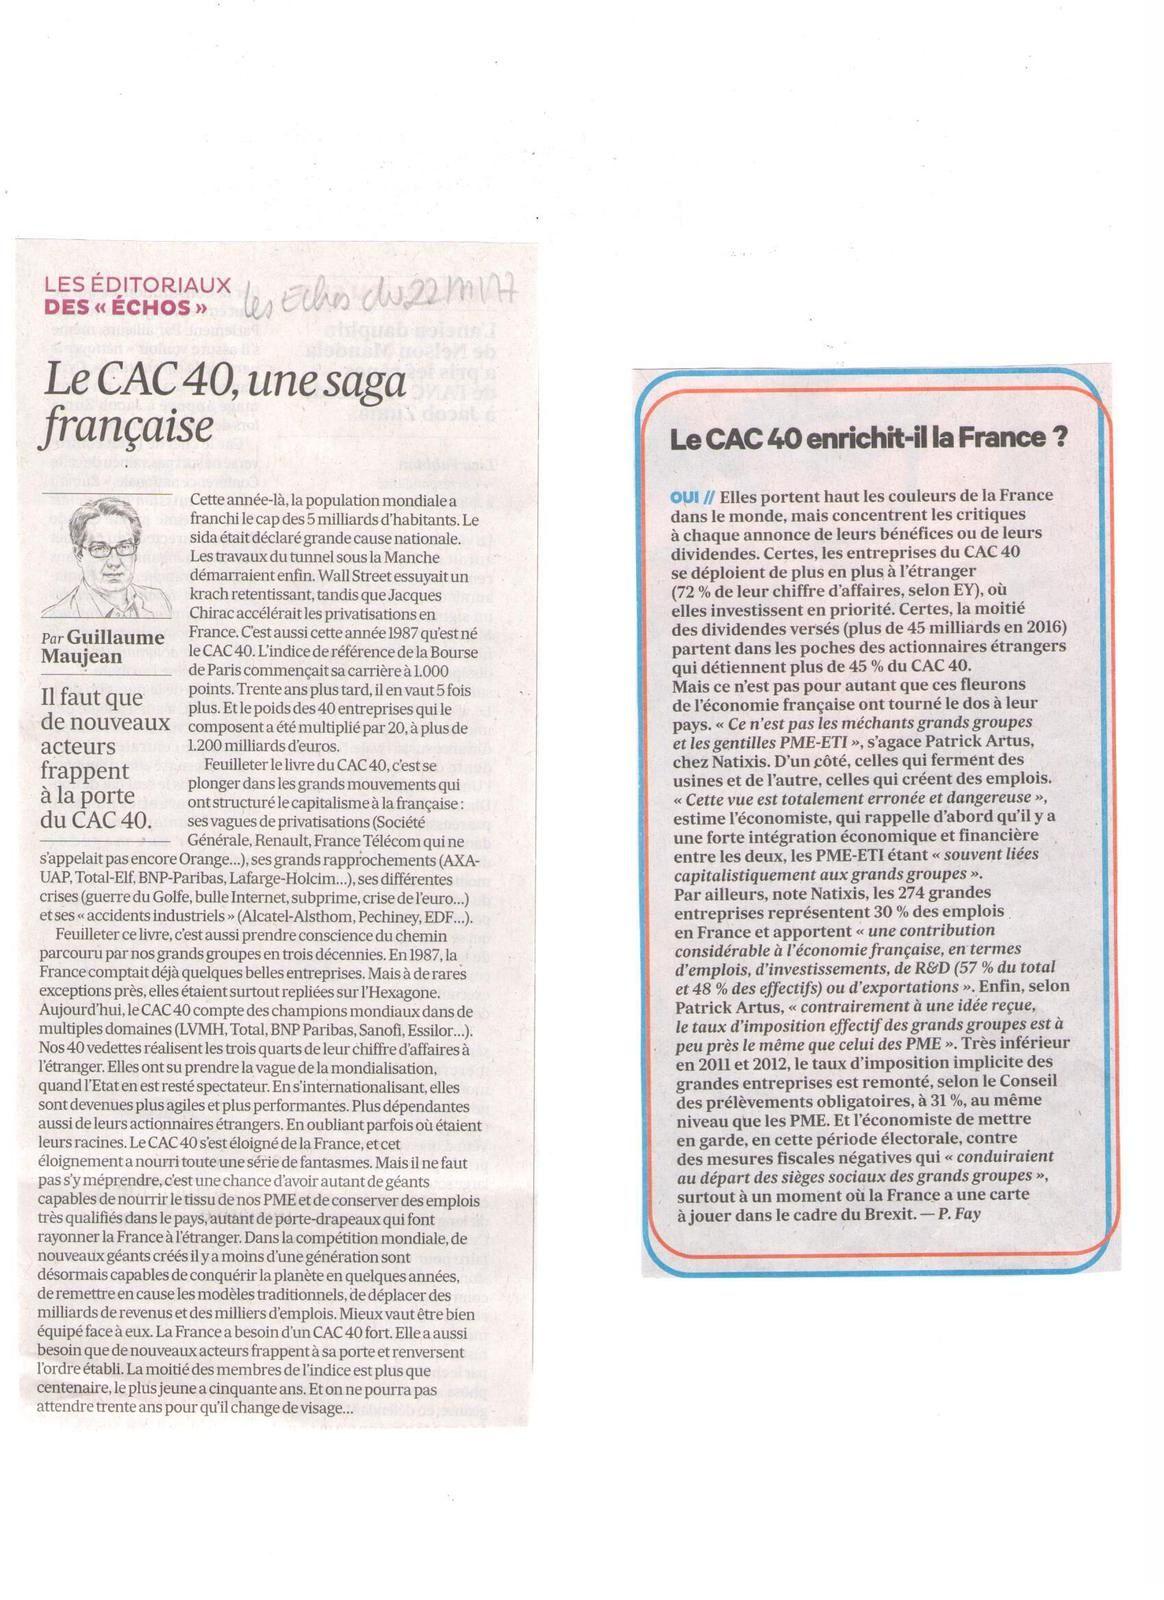 Vus et lus dans Les Echos du 28/03/17, du 22/11/17, du 02/01/18, du 29/01/18